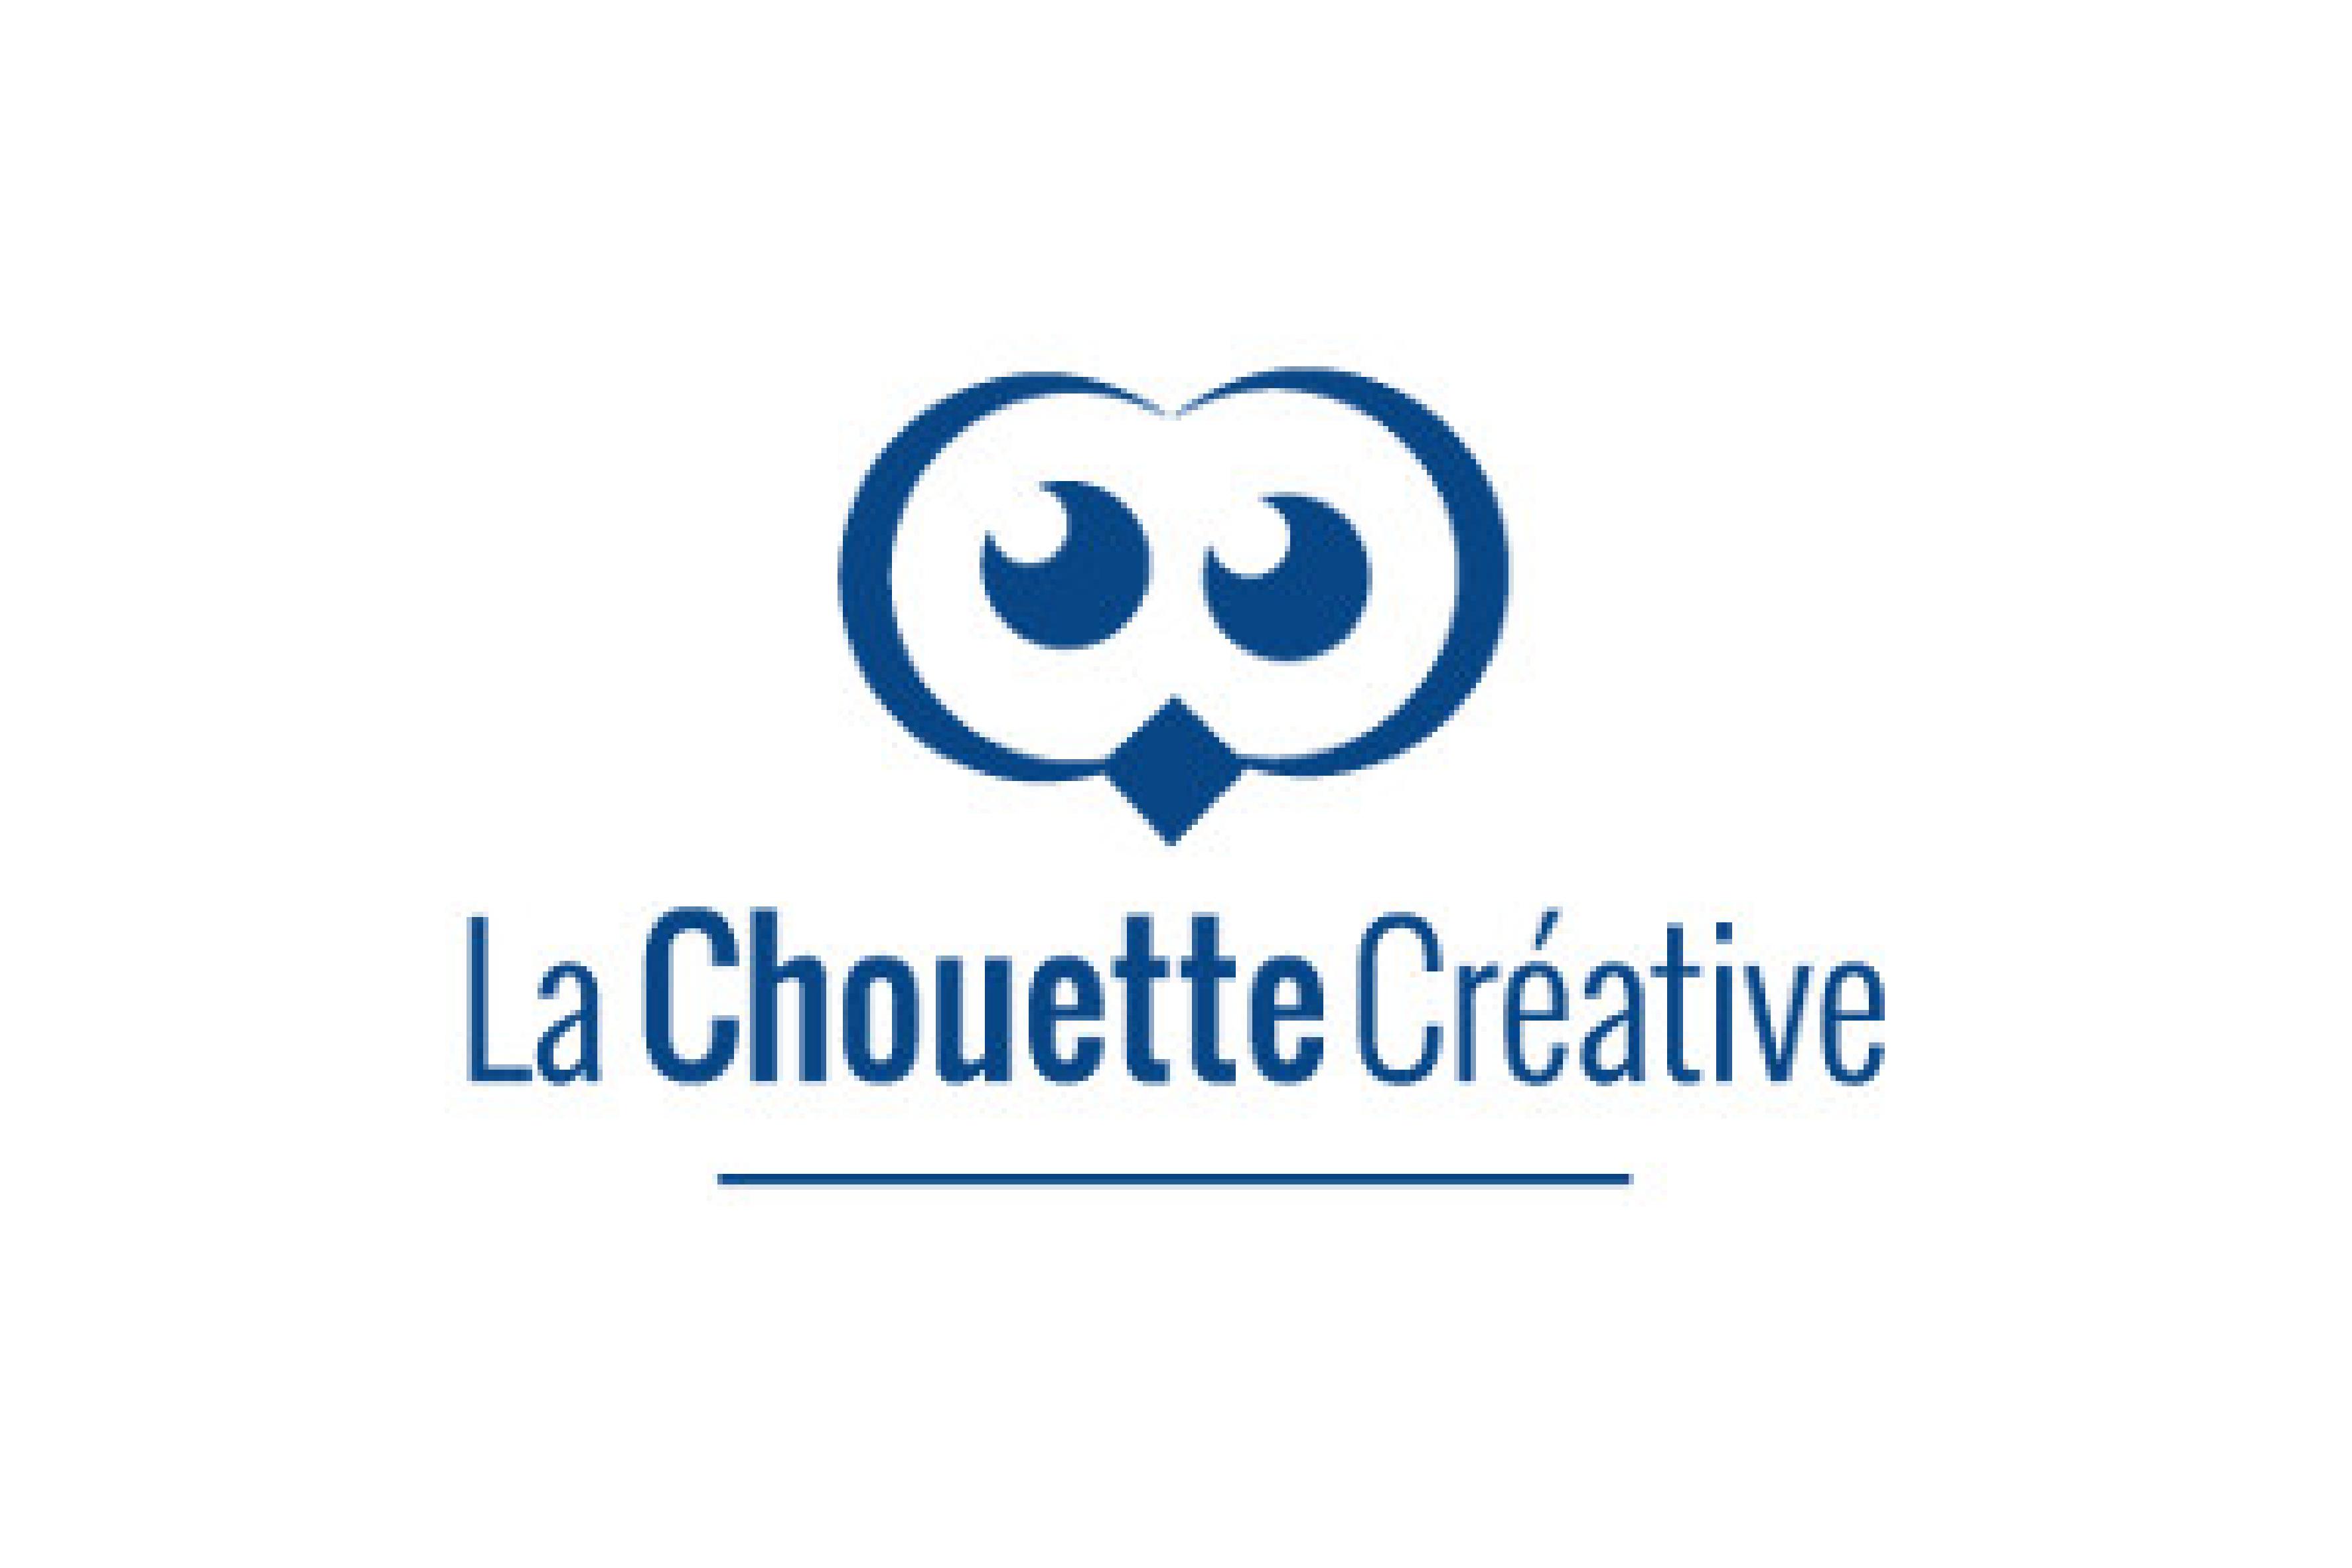 La Chouette Créative